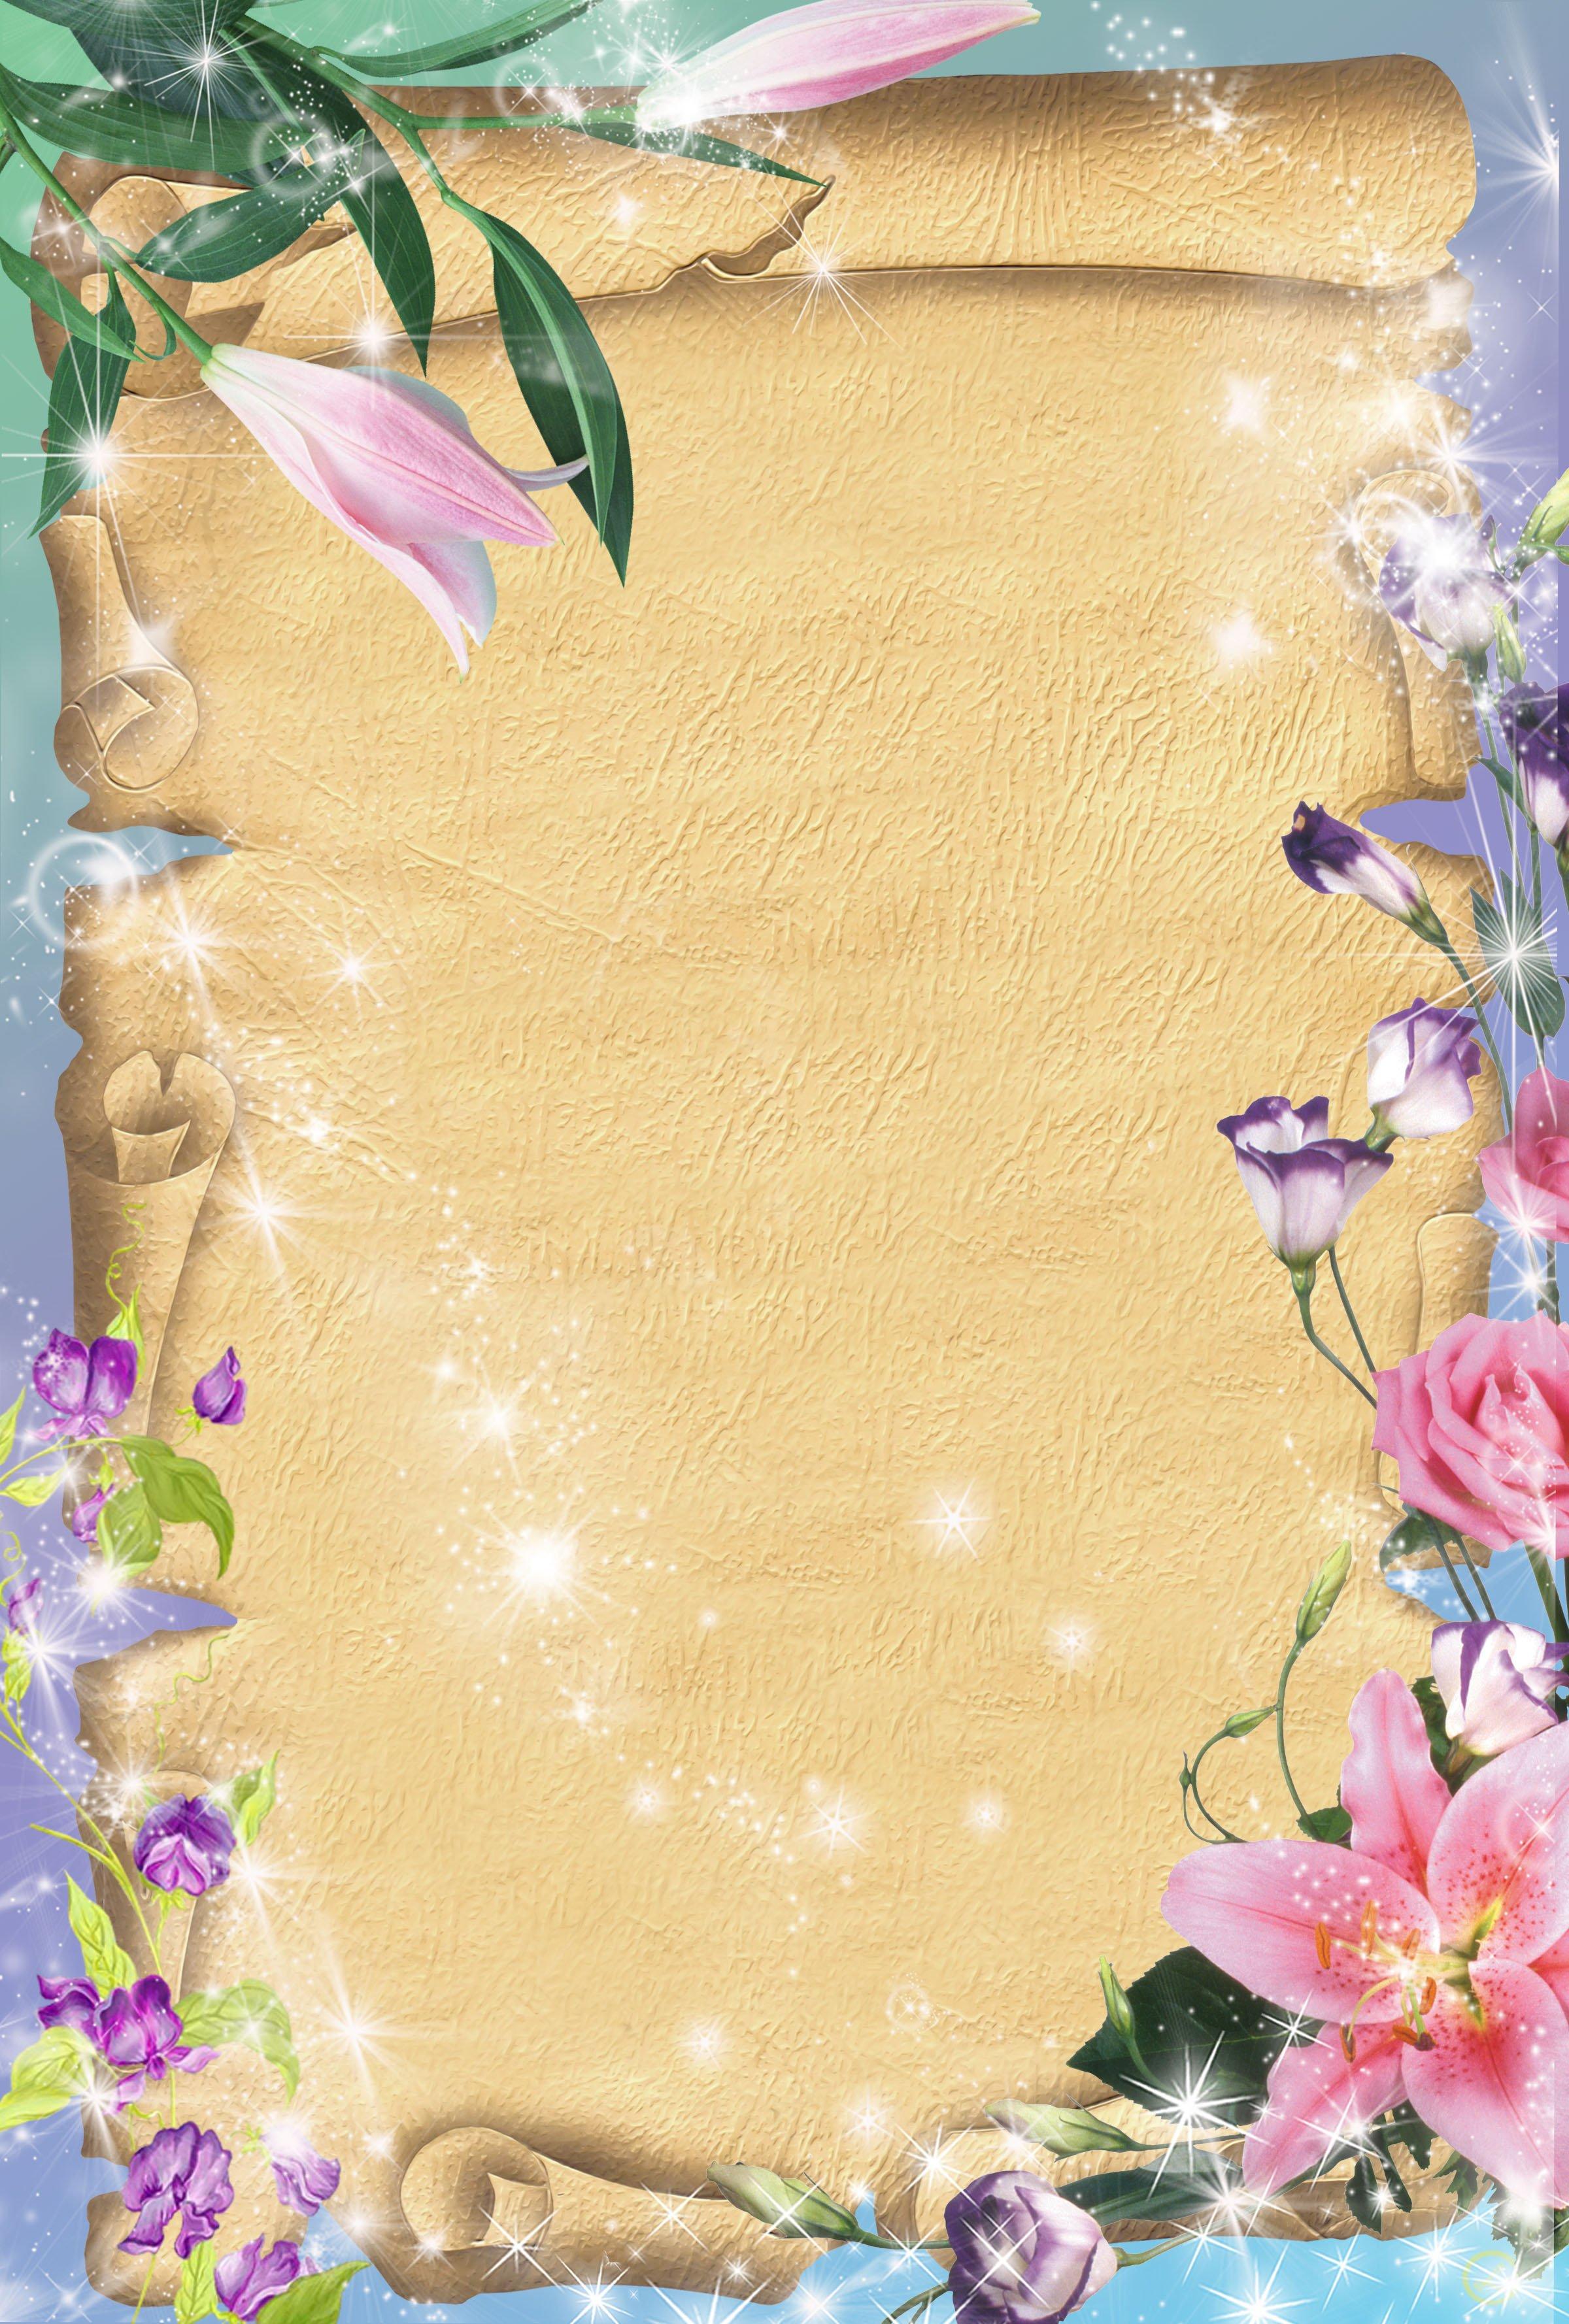 пледов красивые цветы картинки для портфолио должна быть яркой